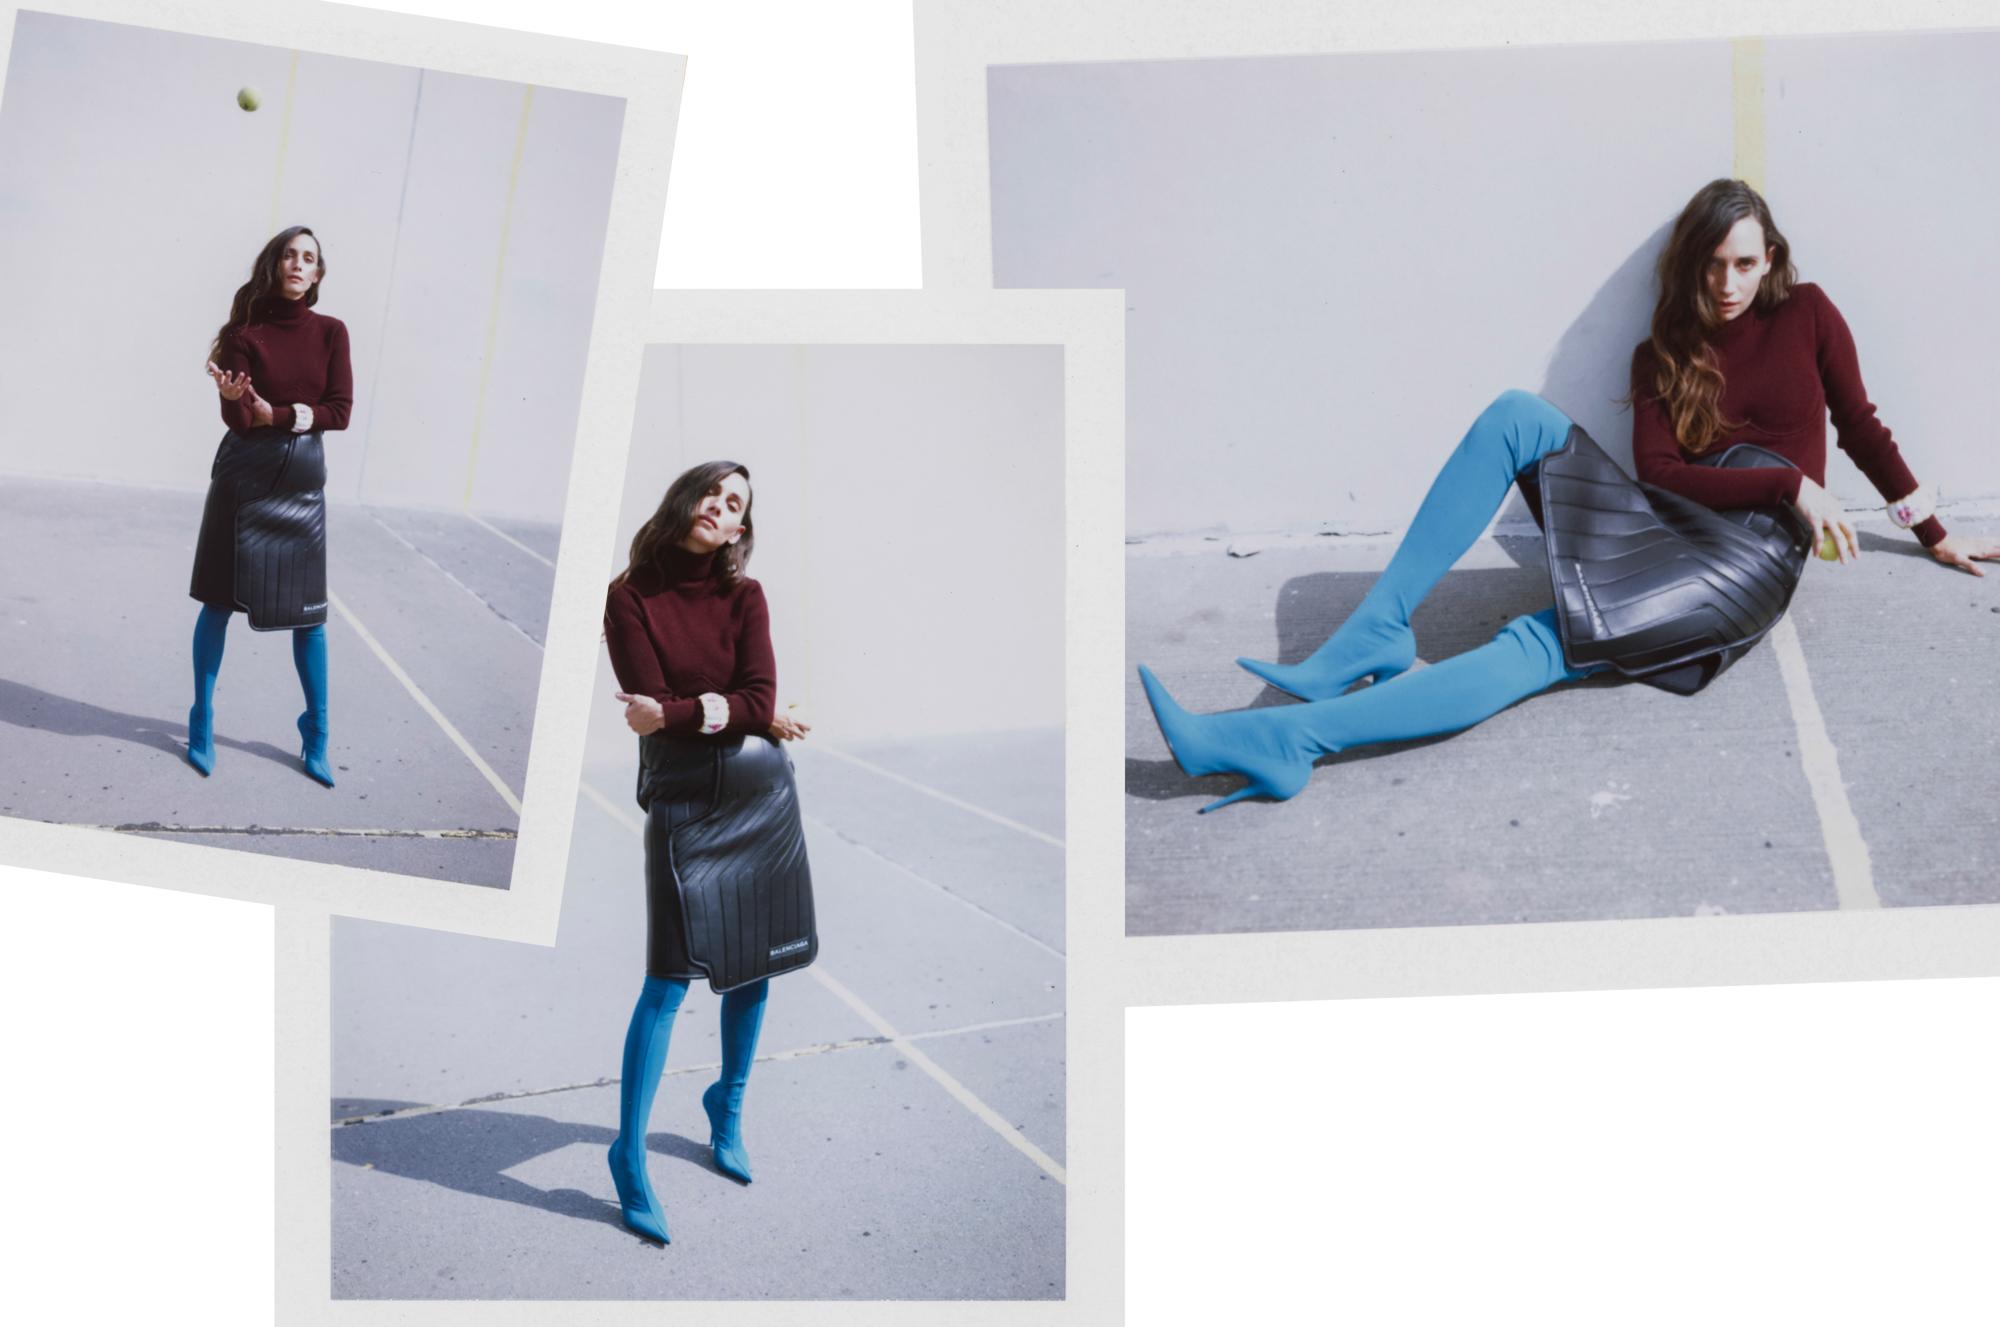 All clothing: Balenciaga